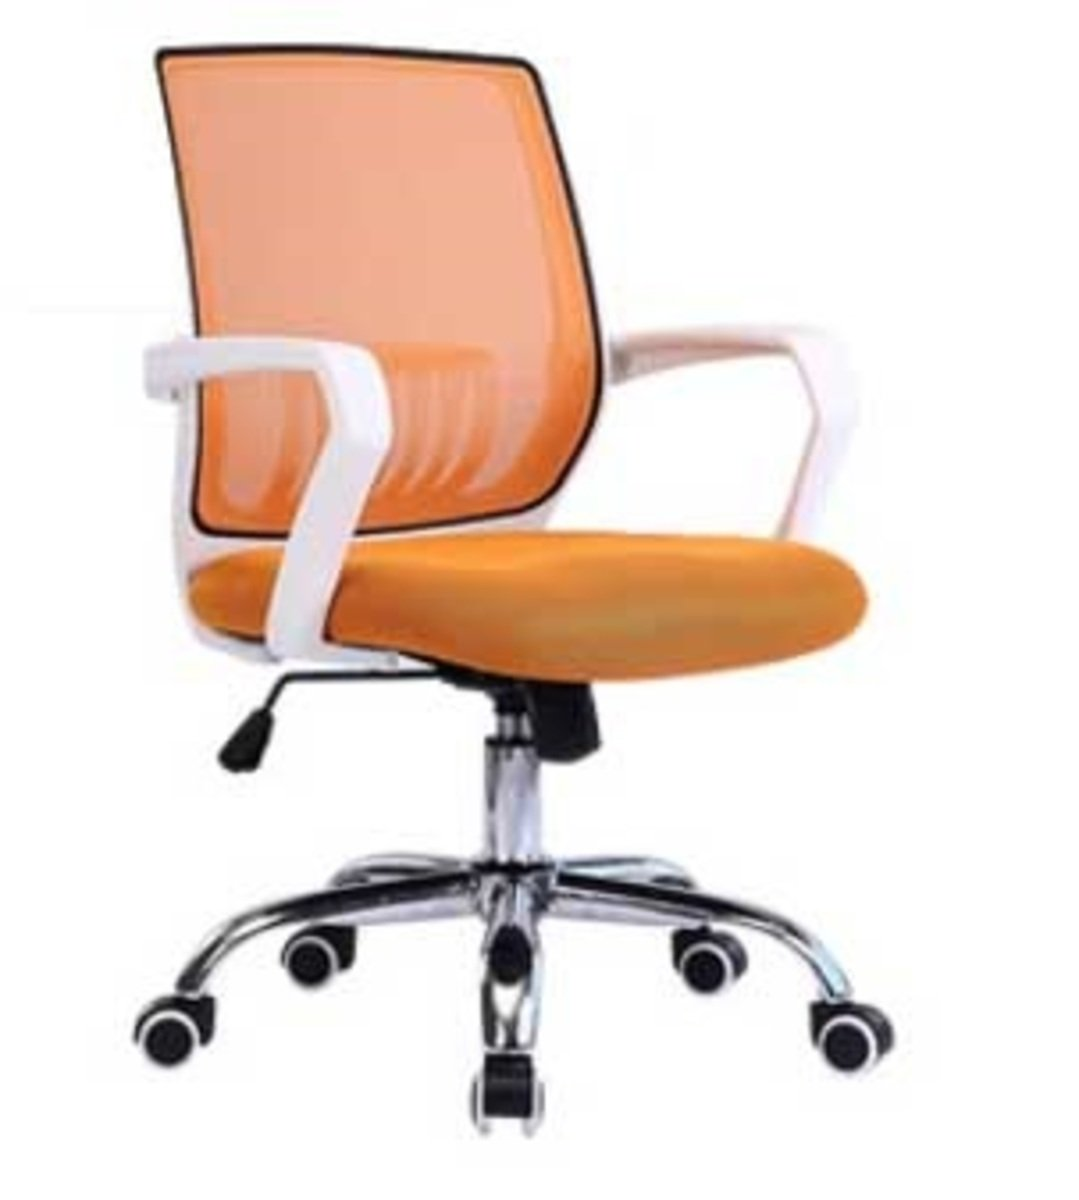 人體工學辦公椅-白框(橘黃色)